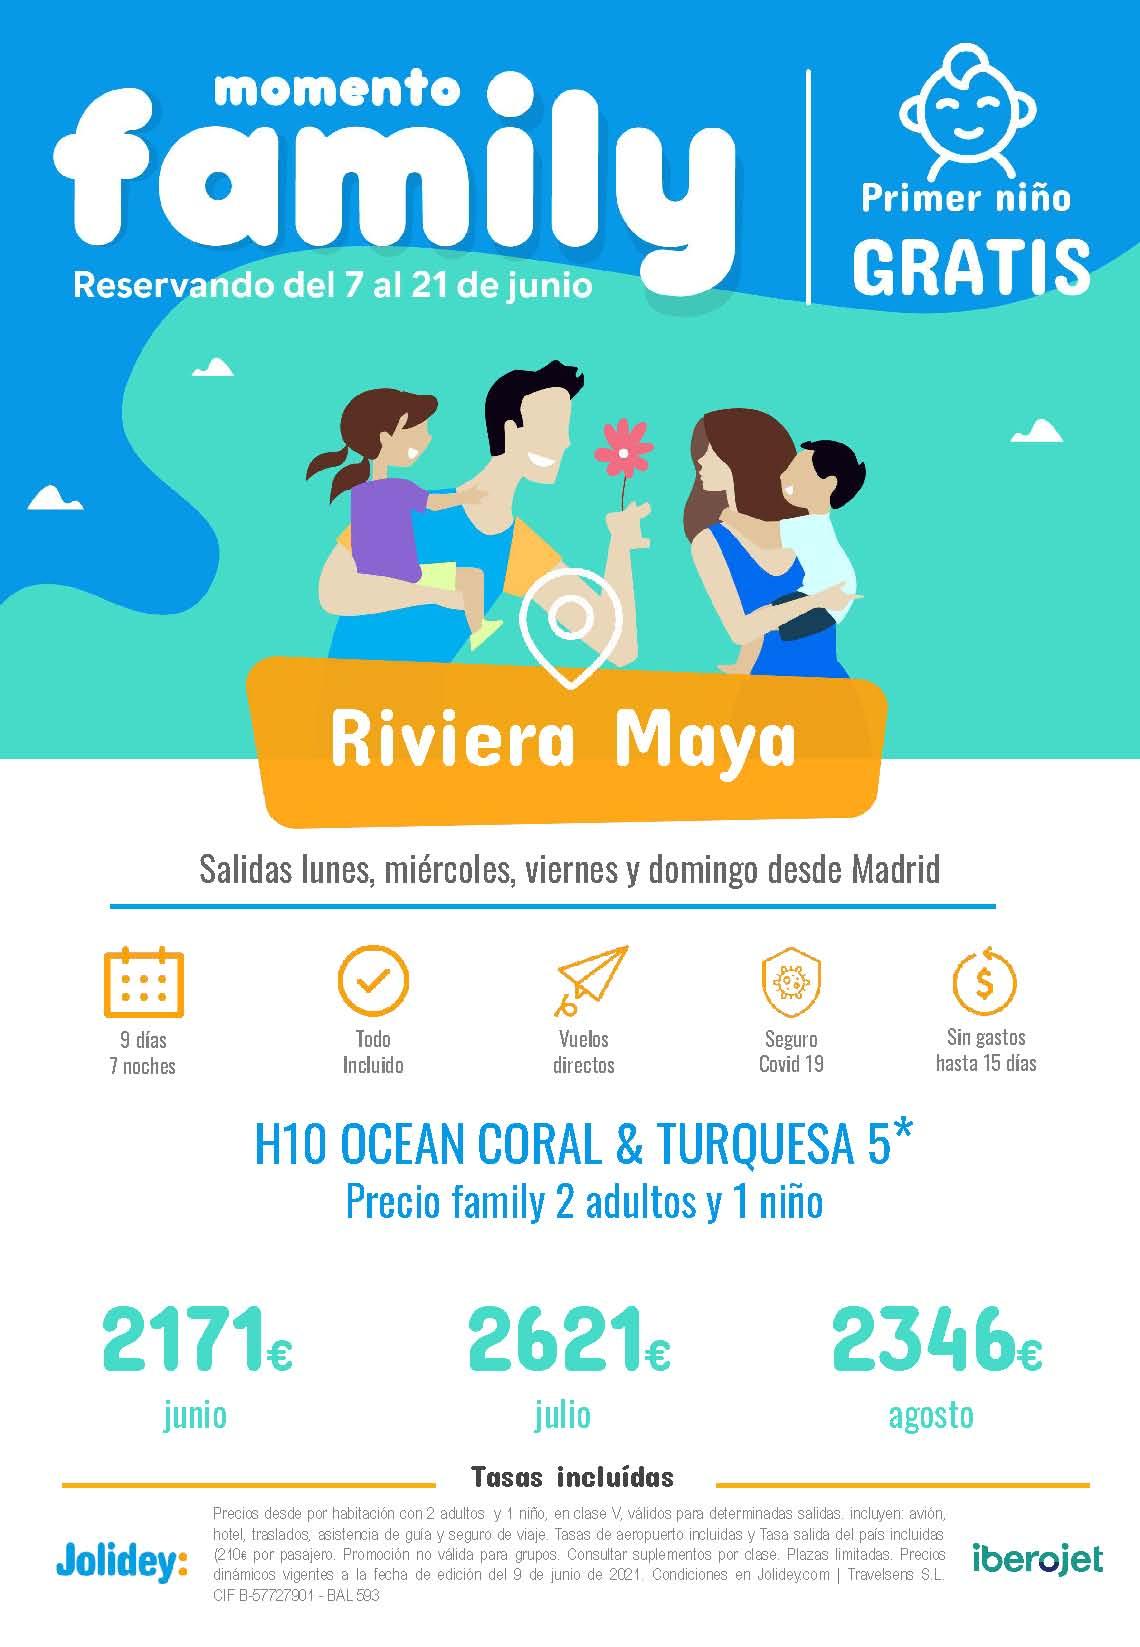 Ofertas Jolidey Familias Niño Gratis Riviera Maya Verano 2021 vuelo directo desde Madrid